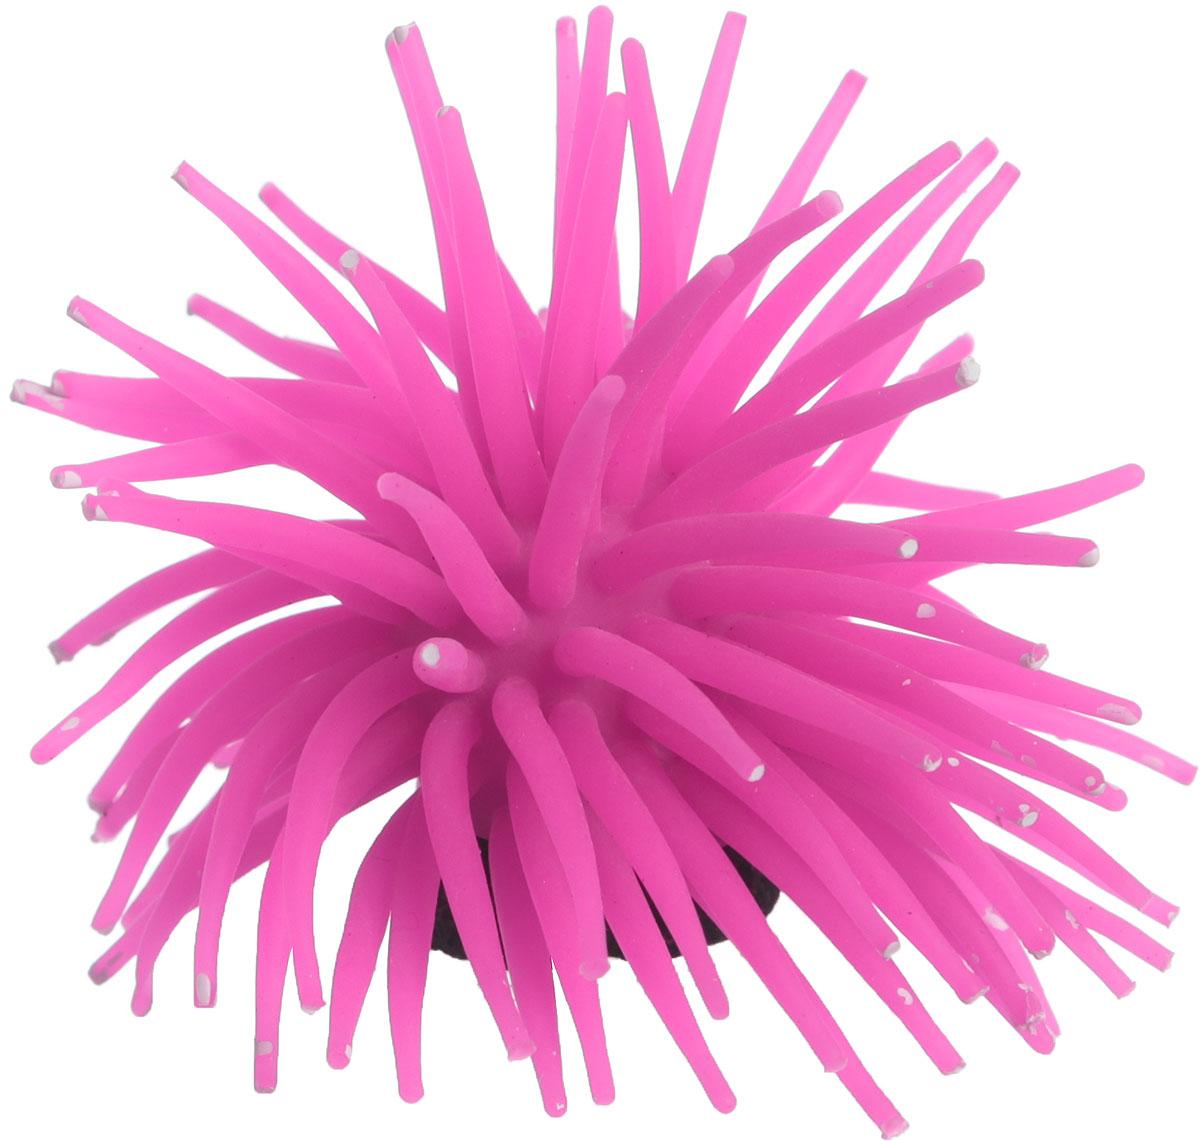 Коралл для аквариума Уют Разноцветные щупальца, силиконовый, цвет: розовый, 8 х 8 х 7 см naillook переводные татуировки для кутикулы 12 8 см х 8 см